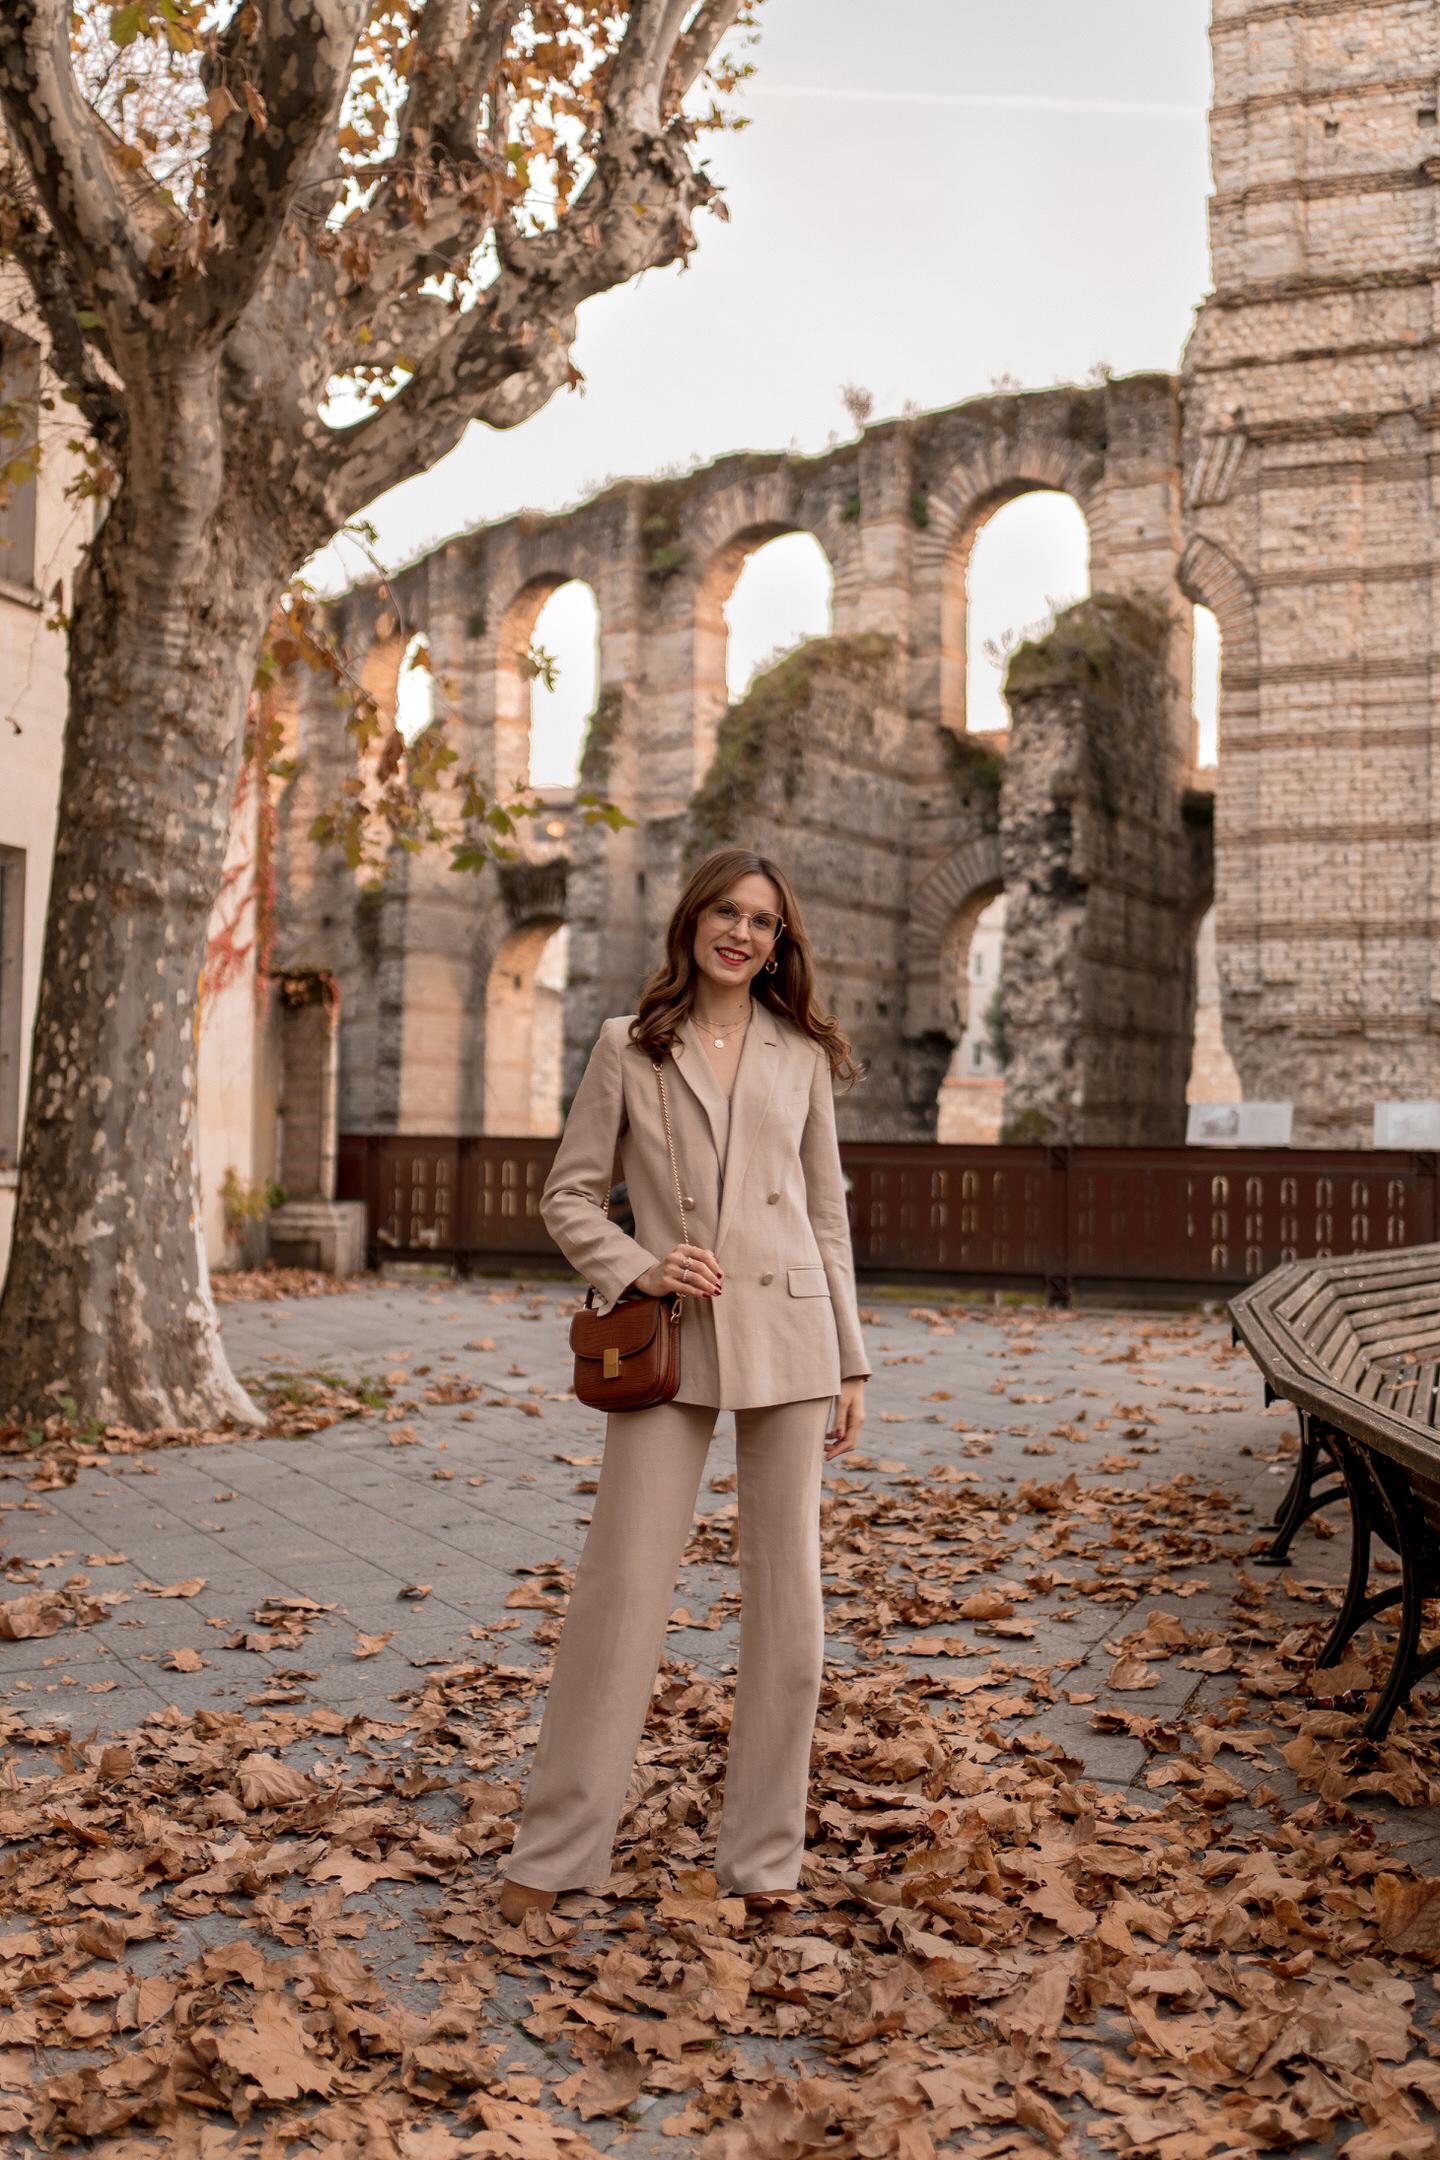 comment-porter-tailleur-pantalon-beige-2b